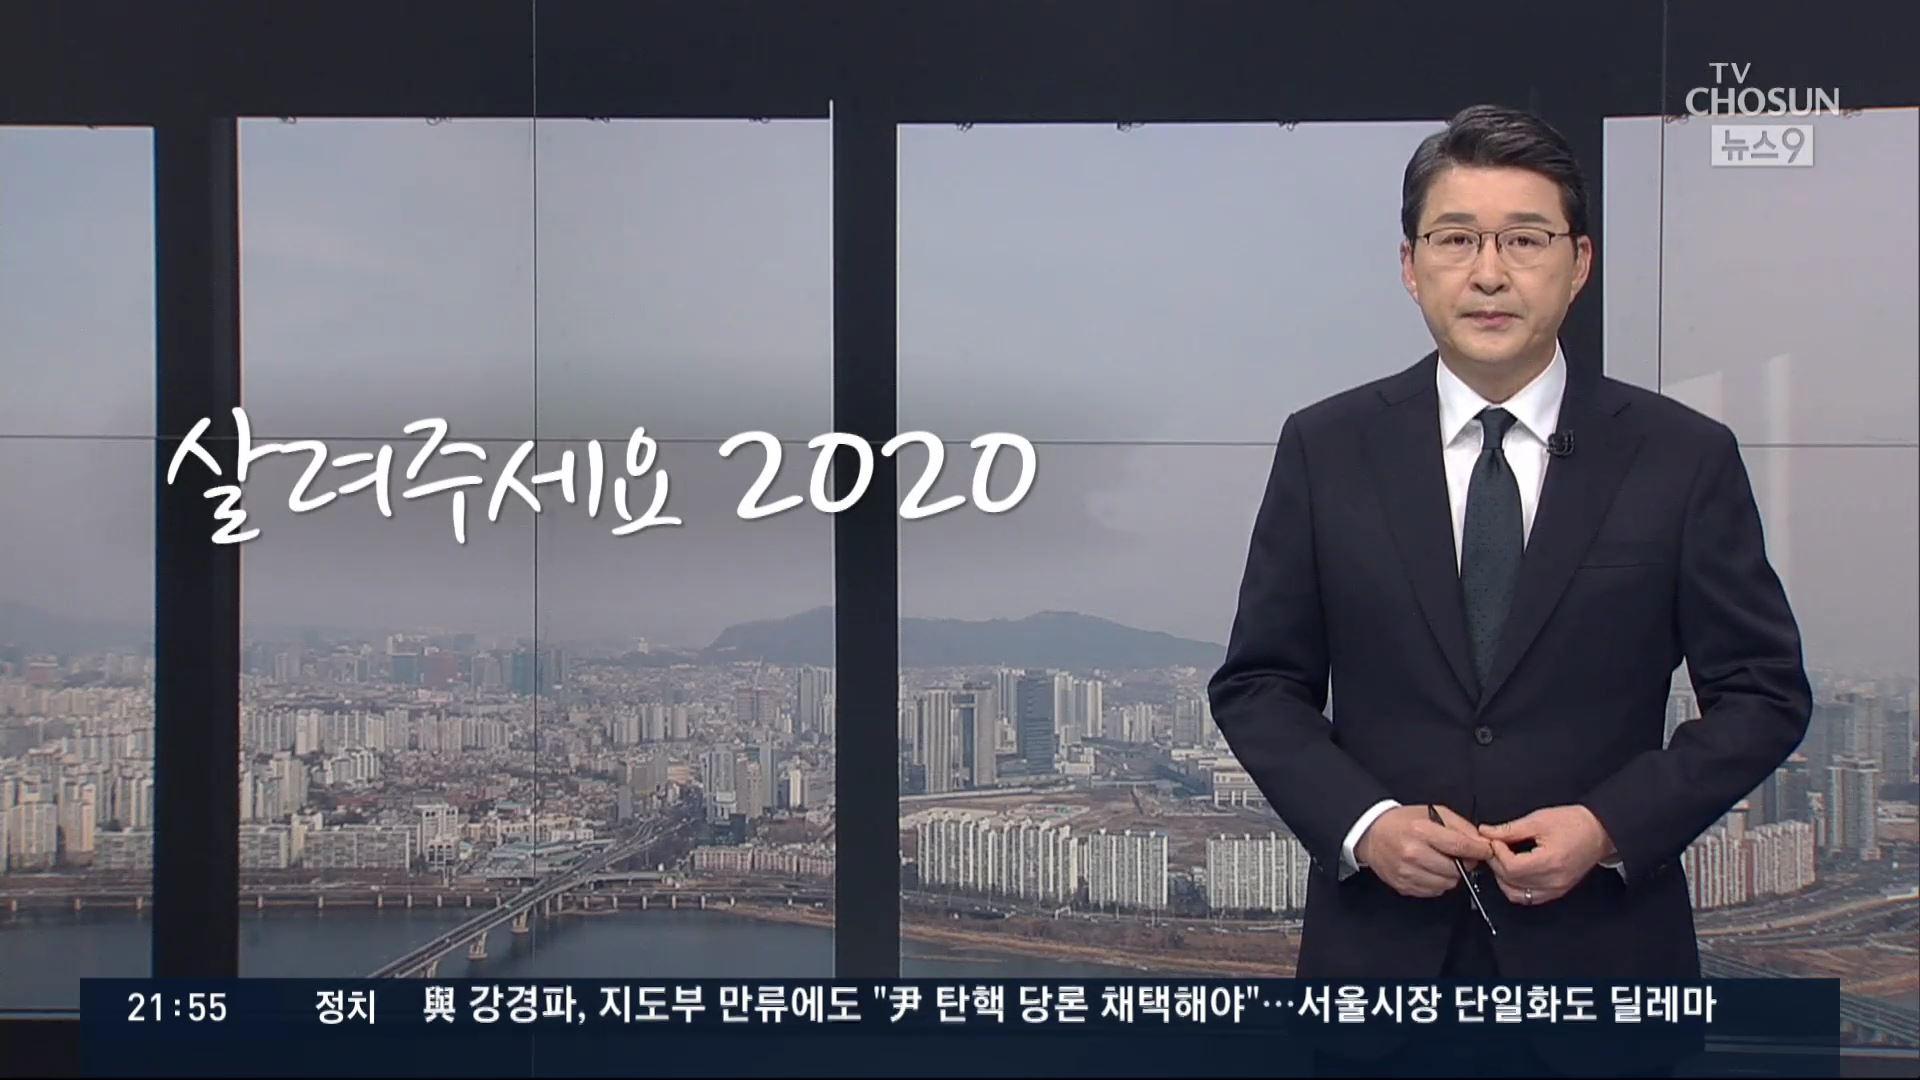 [신동욱 앵커의 시선]  살려주세요 2020